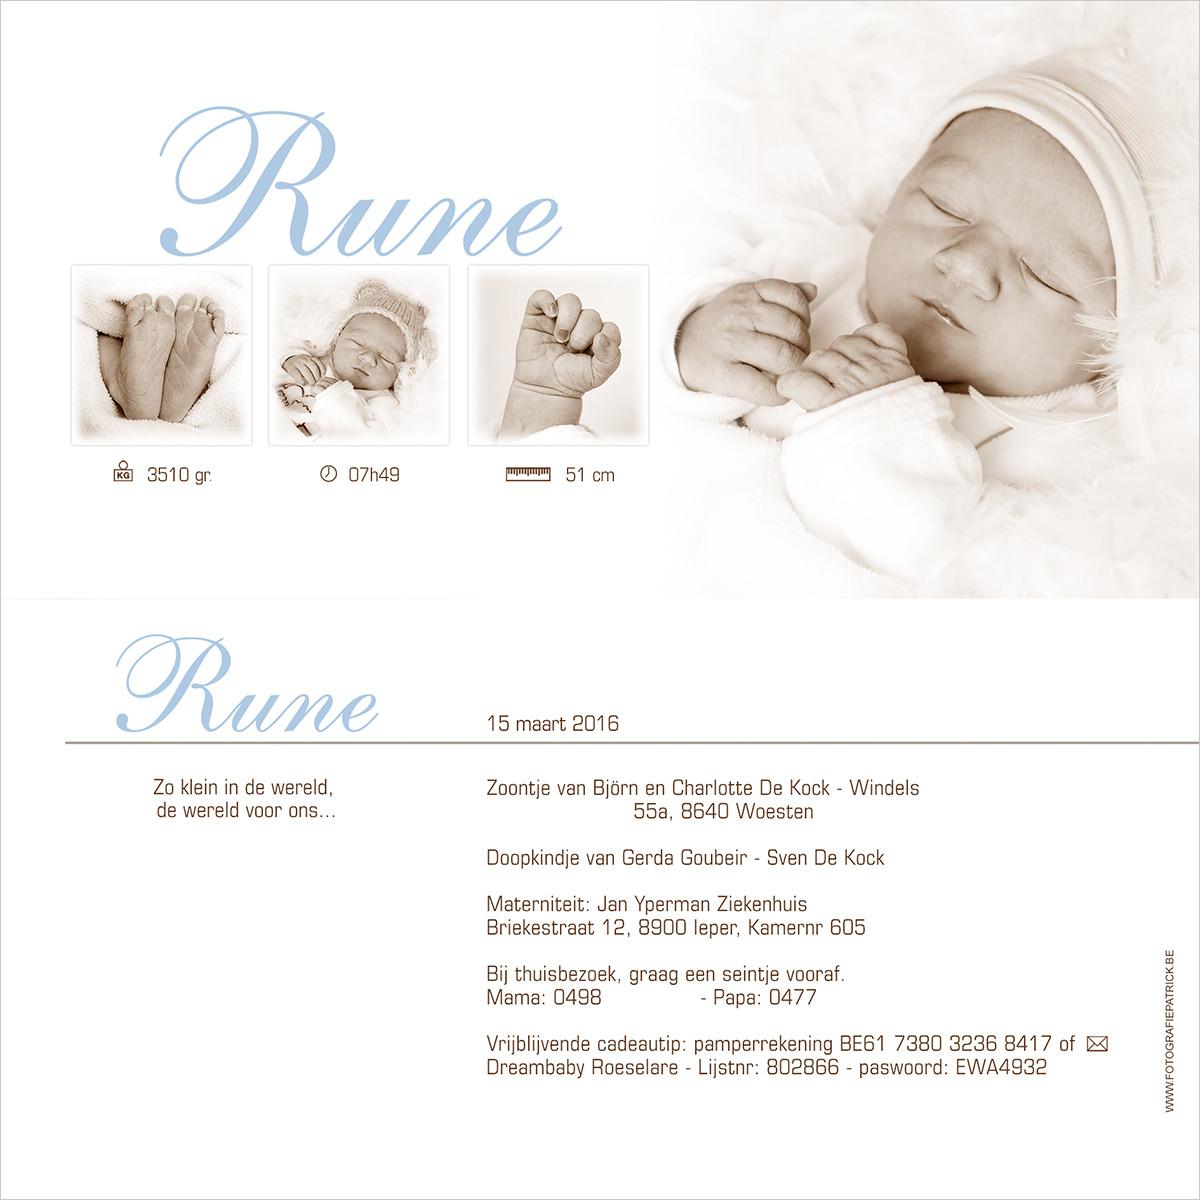 Geboortekaartje met foto van Rune